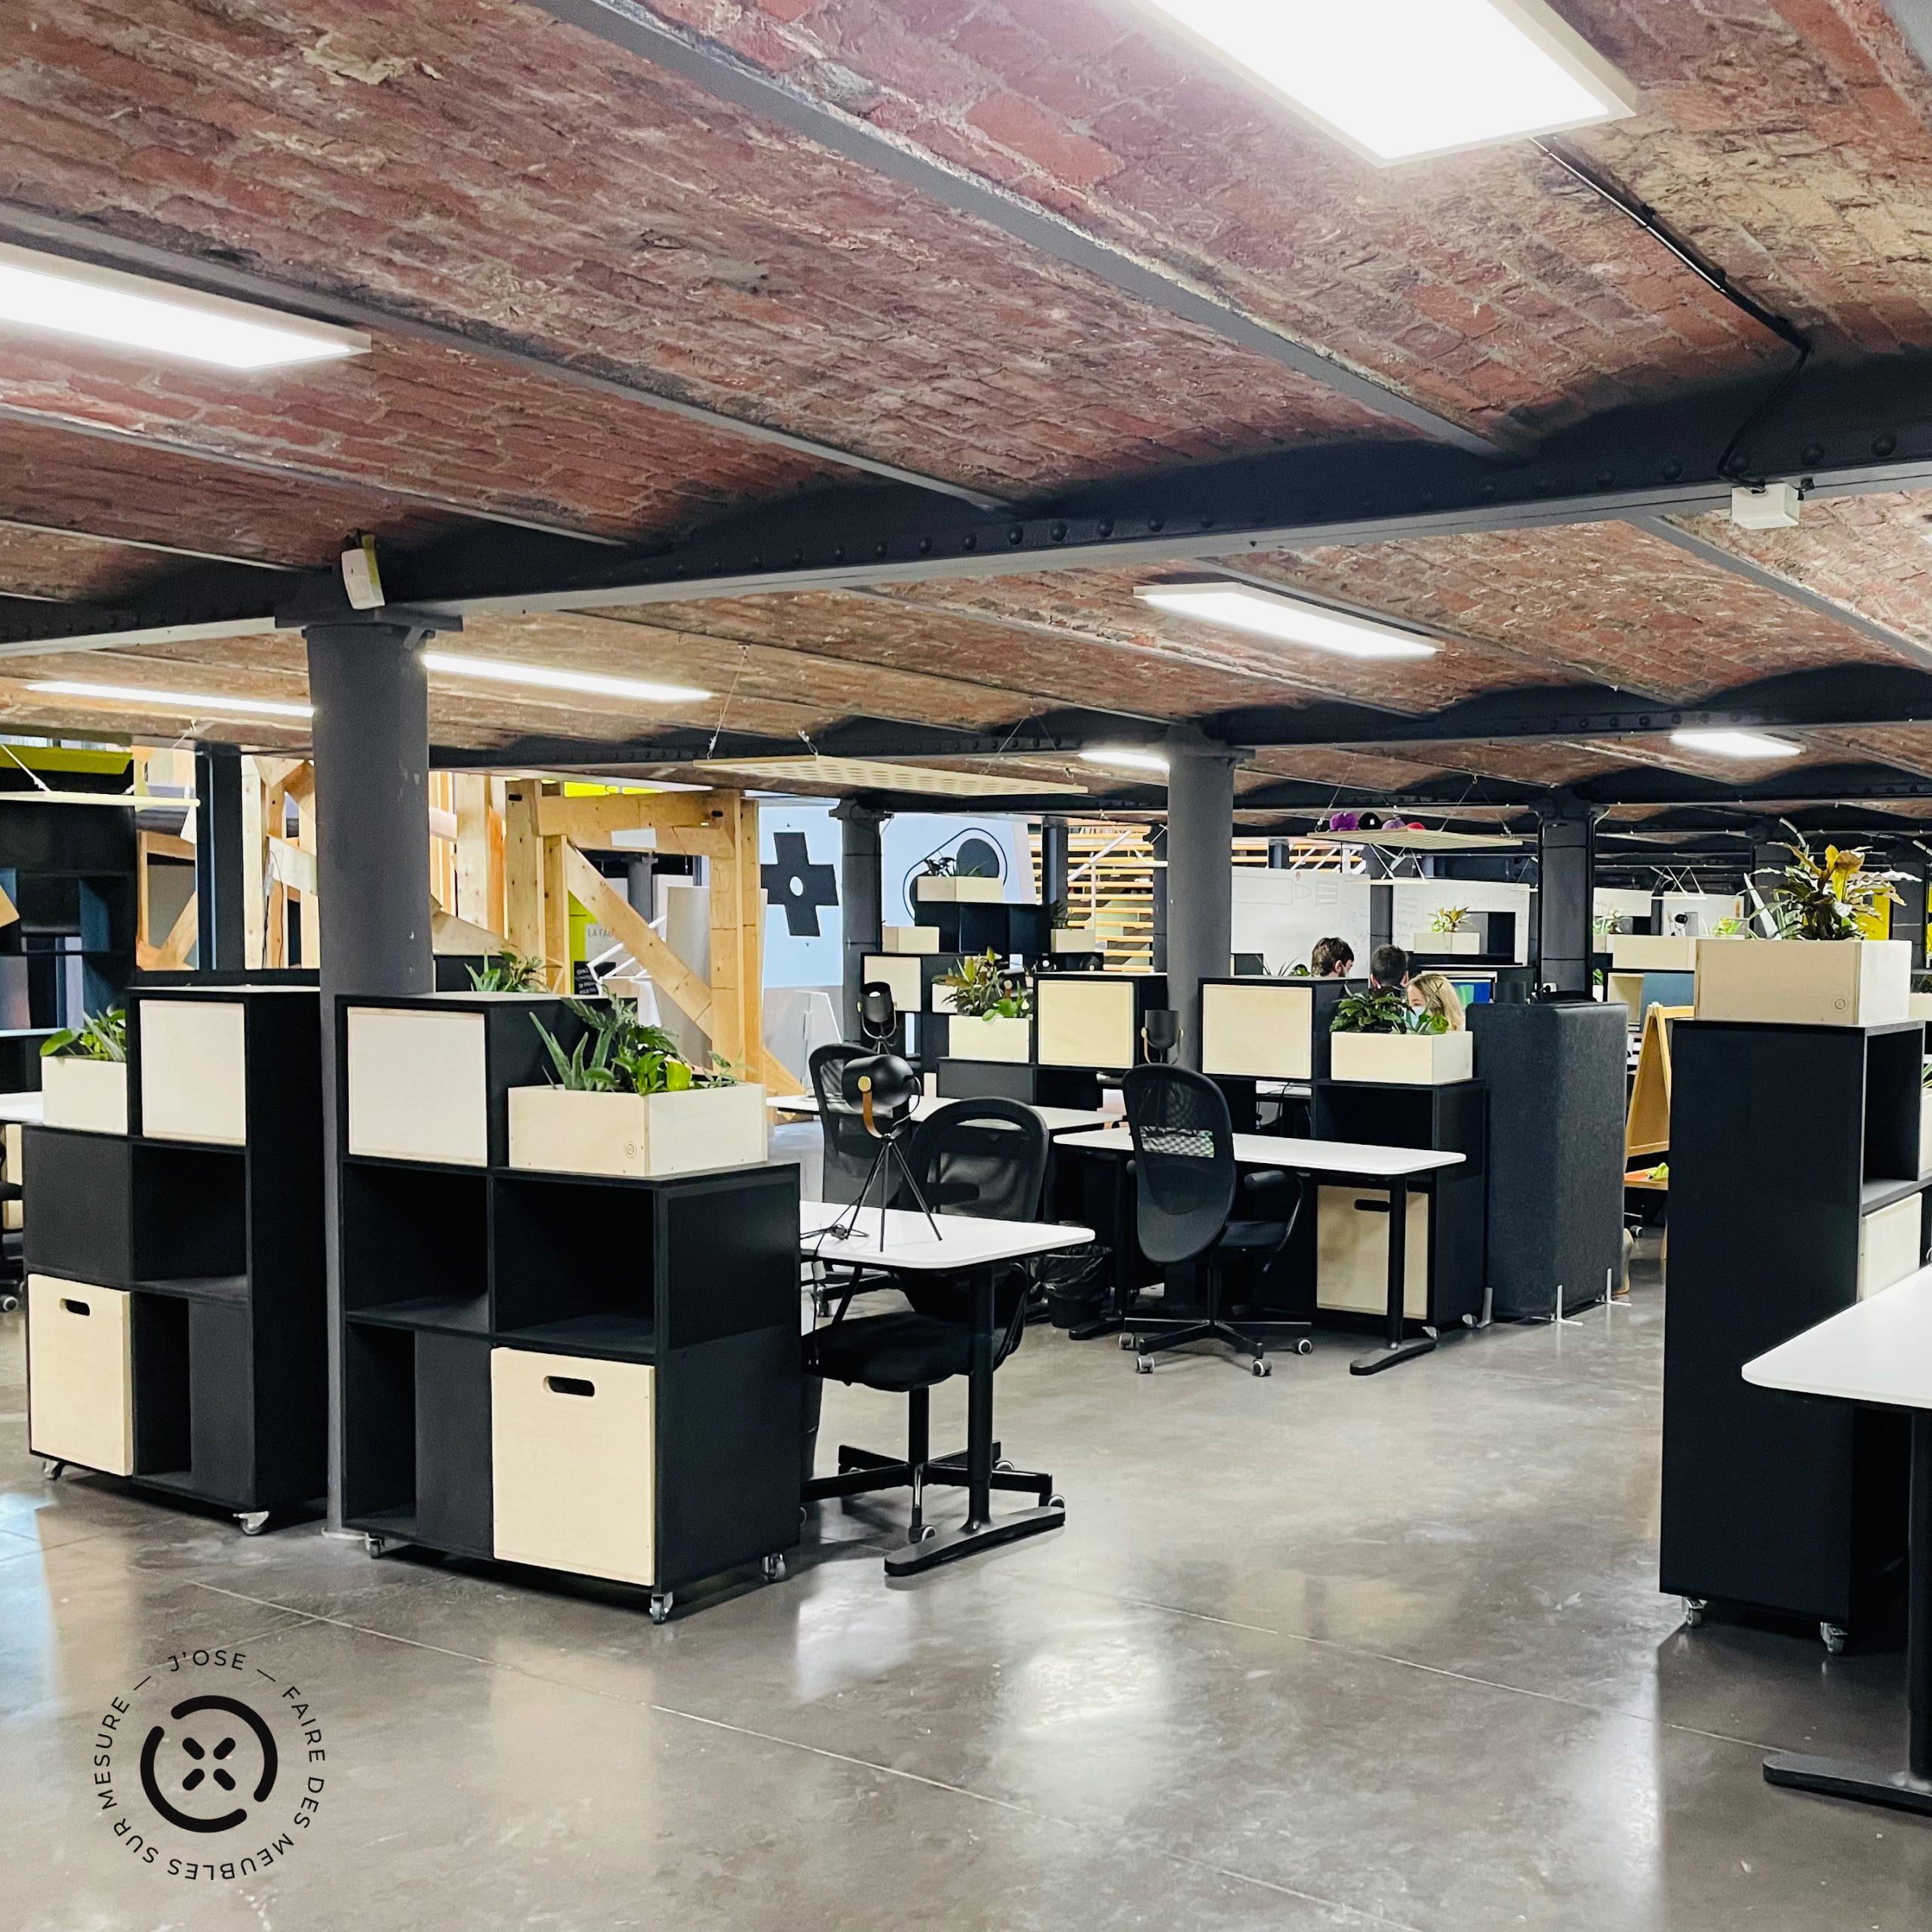 Aménagement d'un open space de 60 bureaux, création d'ilot avec des étagères de séparation mobile sur roulettes, noir avec des box en peuplier avec des plantes et des tabourets